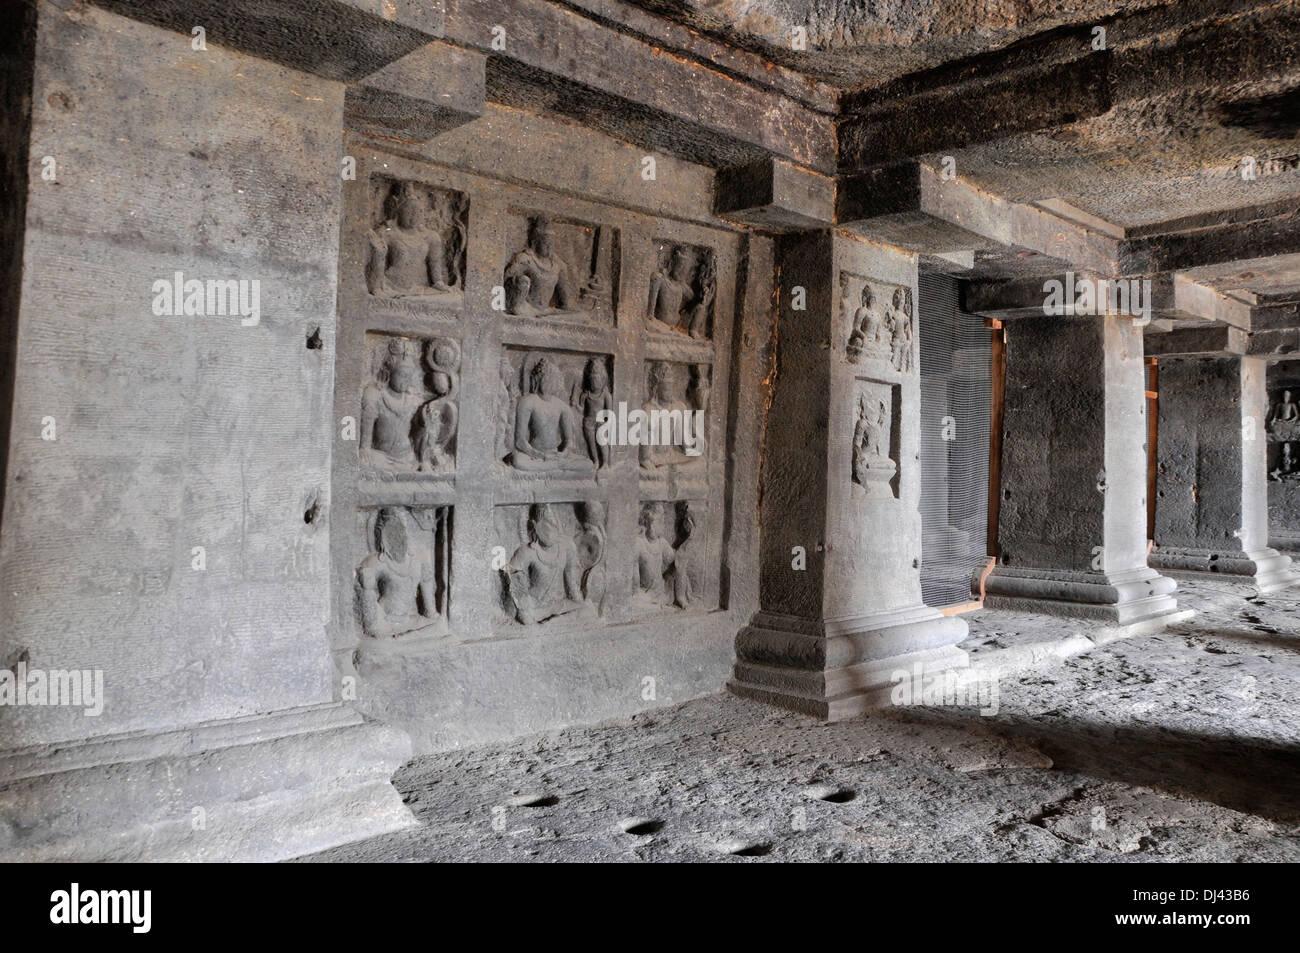 Cave 12 : Mandala with Buddha Ground Floor. Ellora Caves, Aurangabad, Maharashtra, India - Stock Image